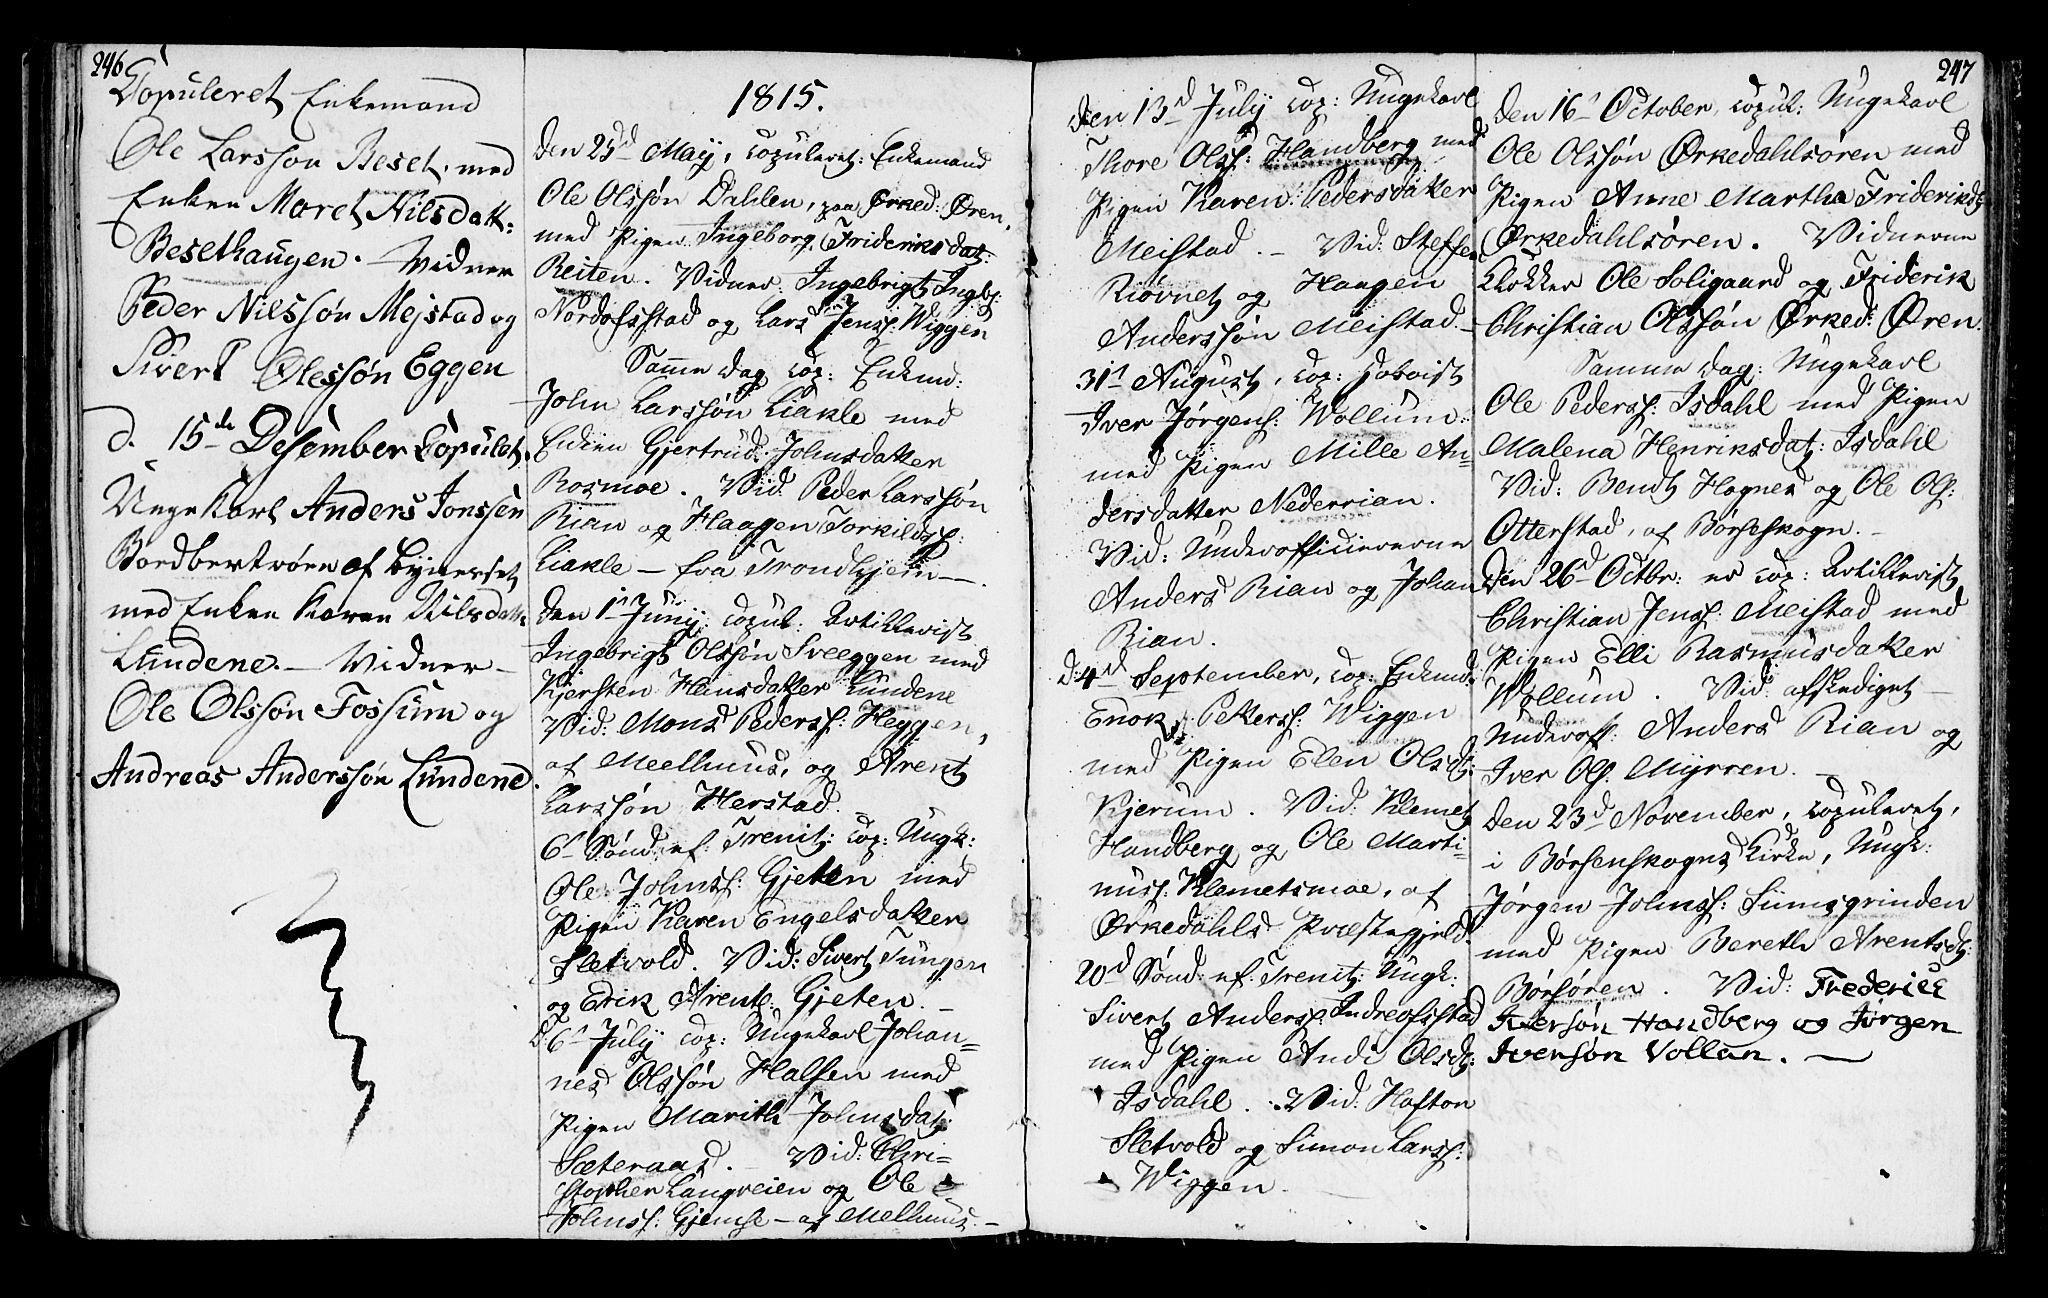 SAT, Ministerialprotokoller, klokkerbøker og fødselsregistre - Sør-Trøndelag, 665/L0769: Ministerialbok nr. 665A04, 1803-1816, s. 246-247